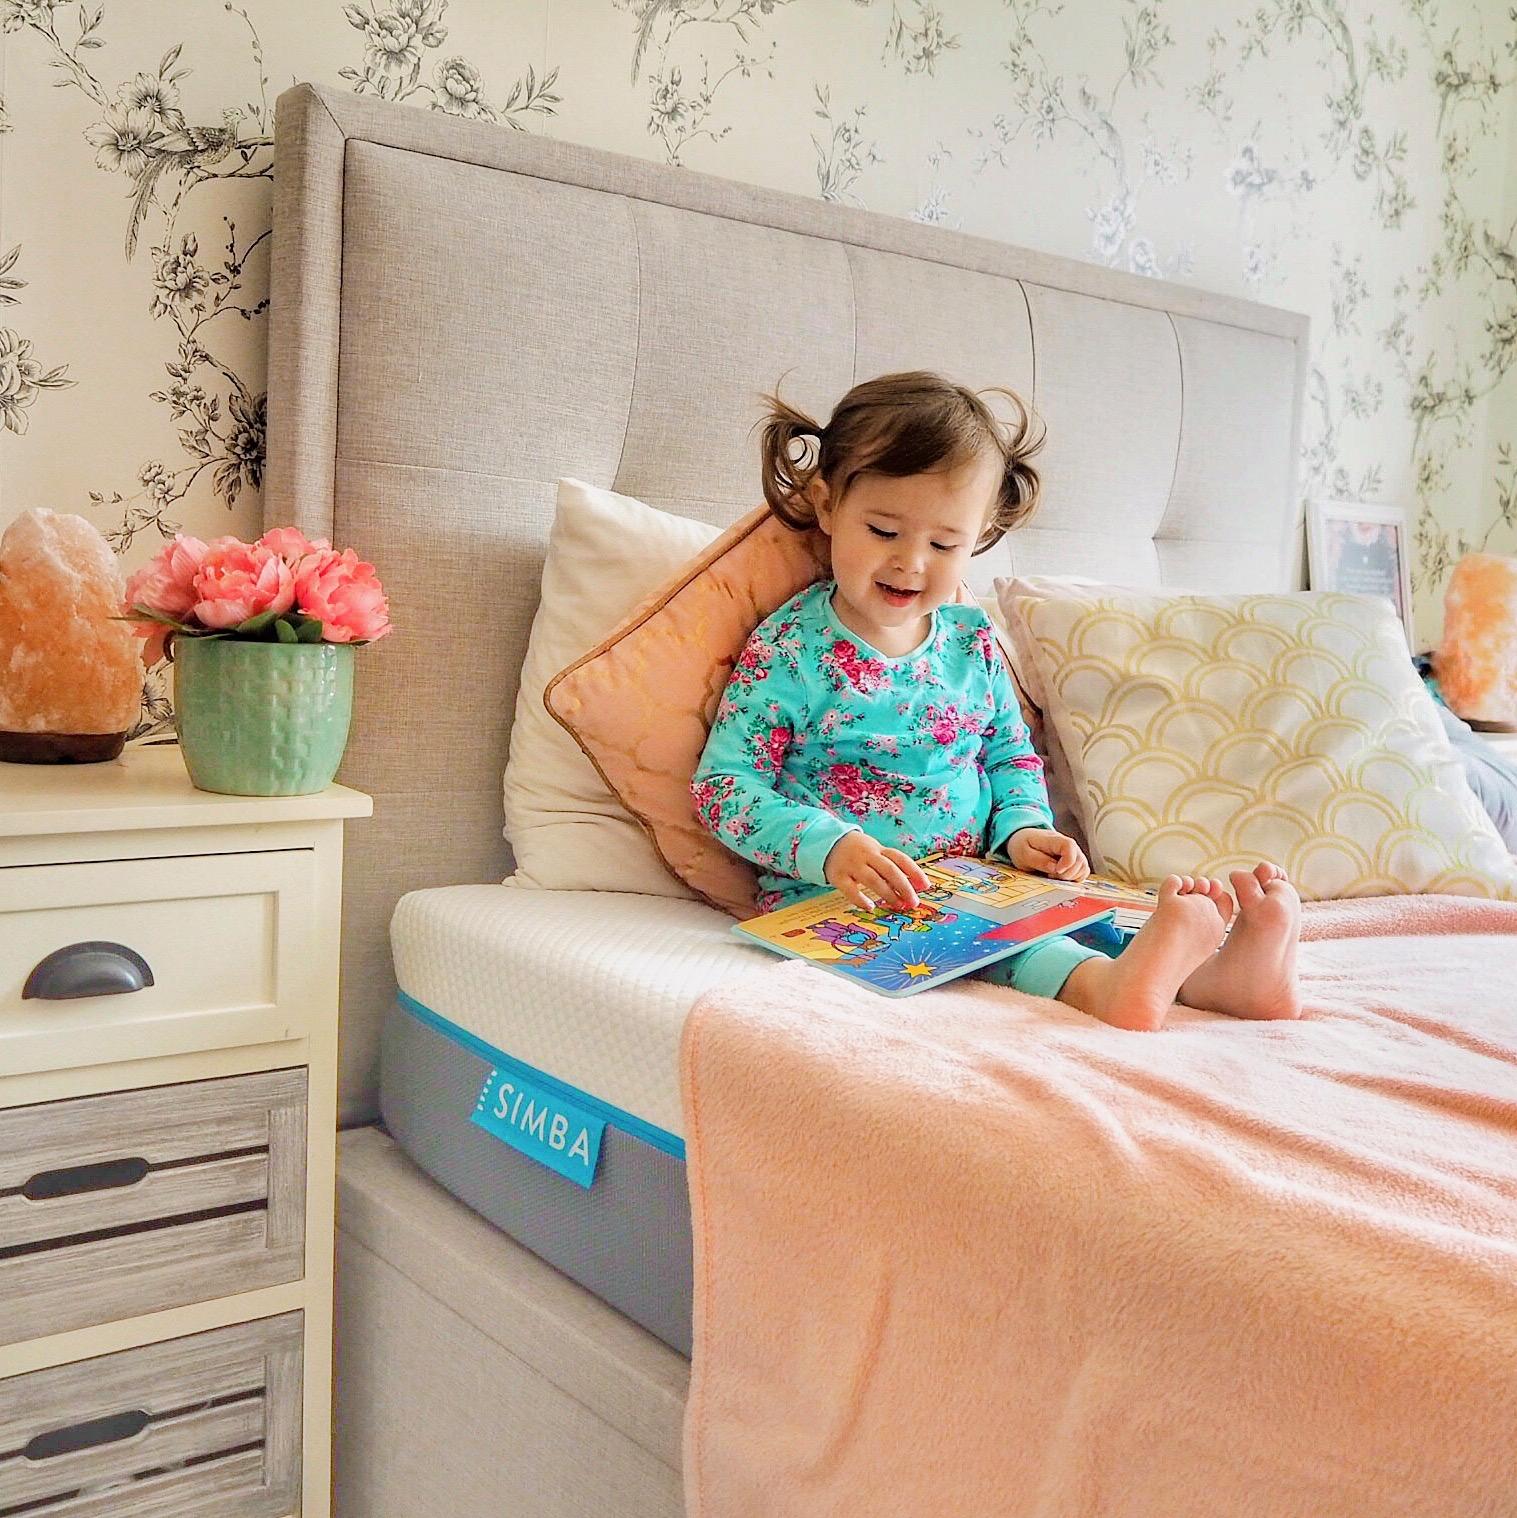 simba hybrid mattress review 2